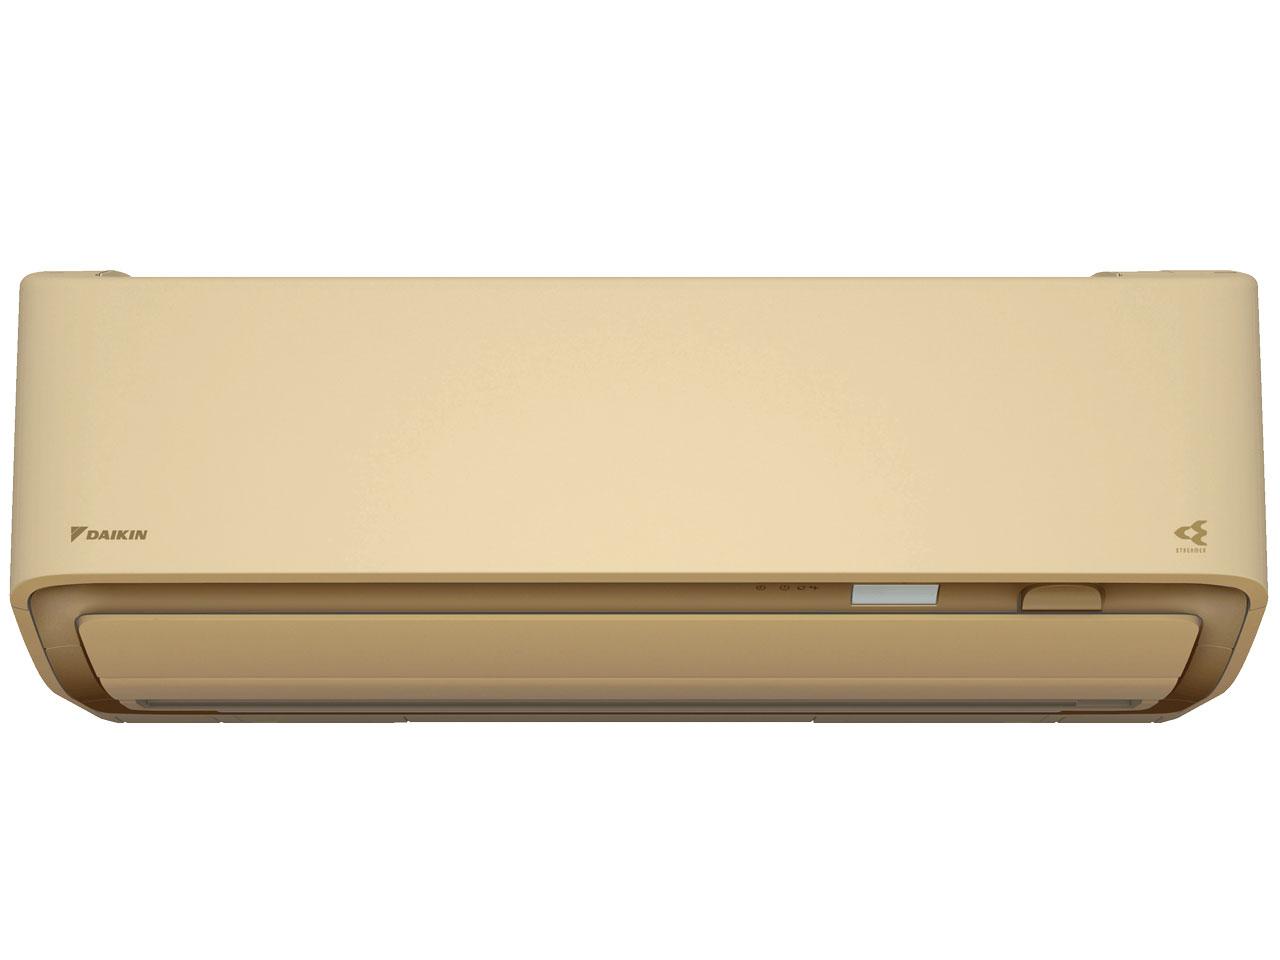 ダイキン 19年モデル AXシリーズ S36WTAXS-C 【100V用】12畳用冷暖房除湿エアコン